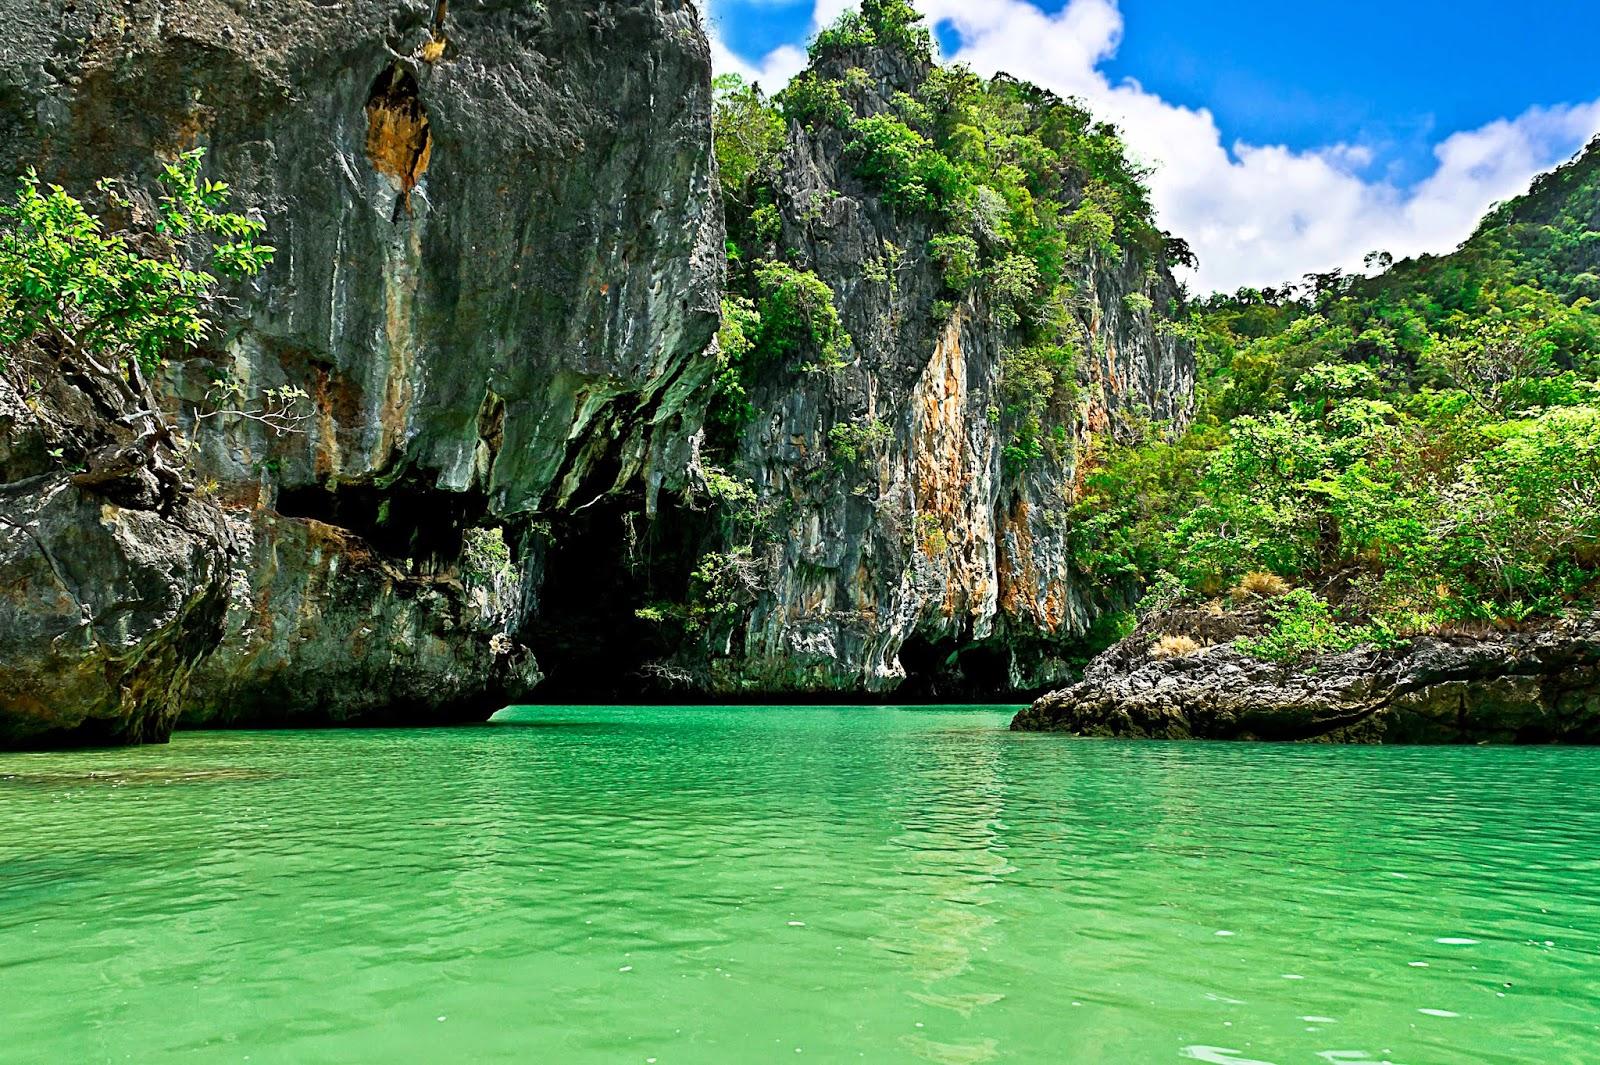 landscape photography phuket tropical island of thailand